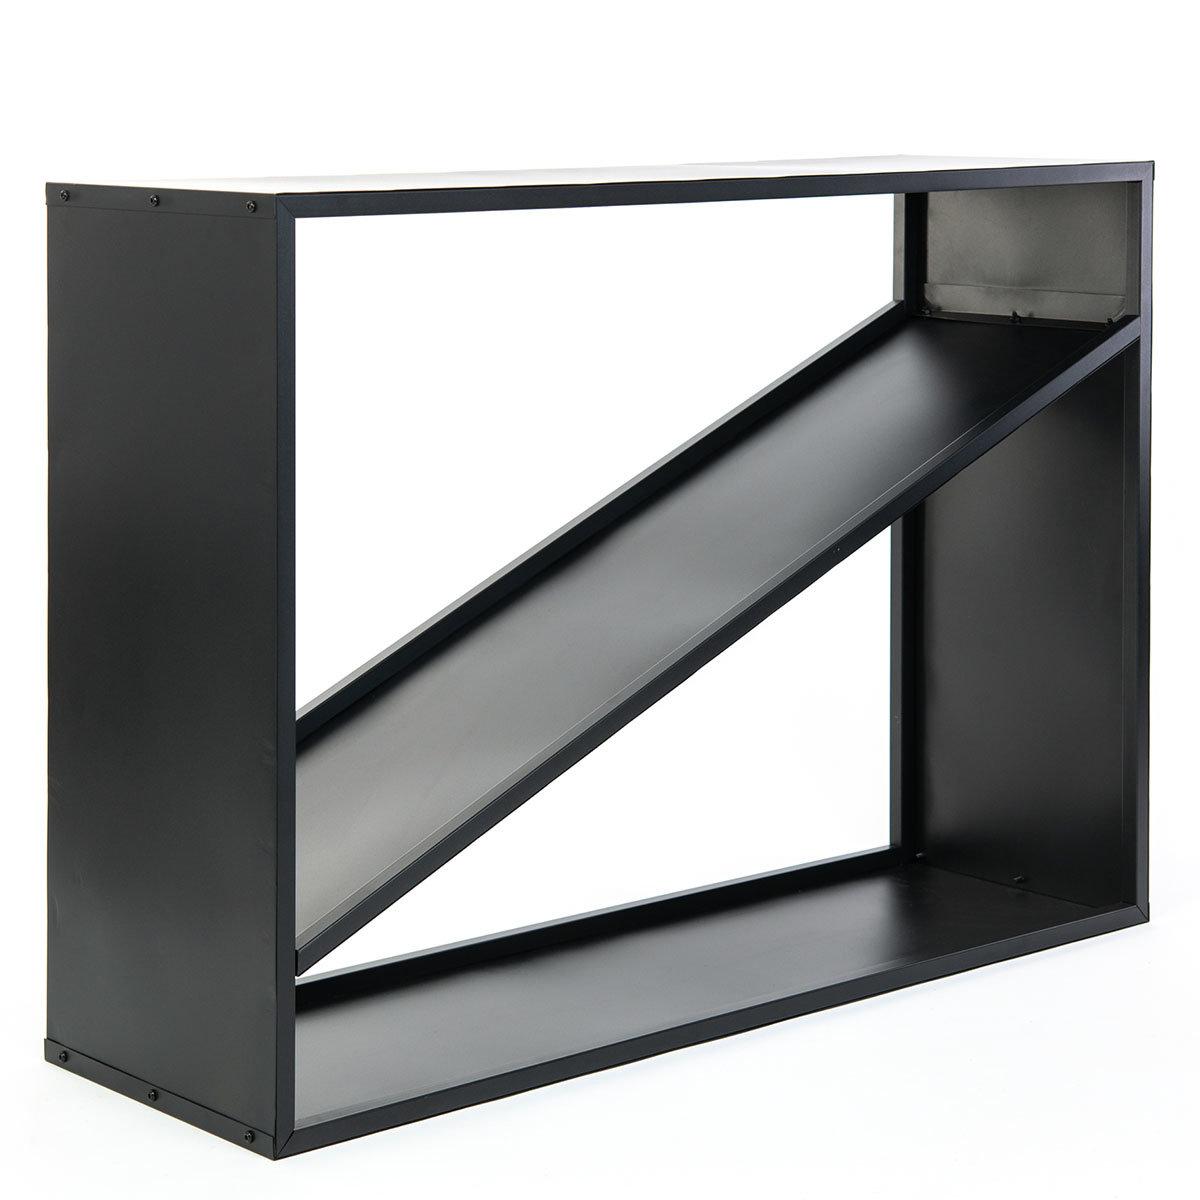 Kaminholzregal 115x35x80 cm, schwarz | #4